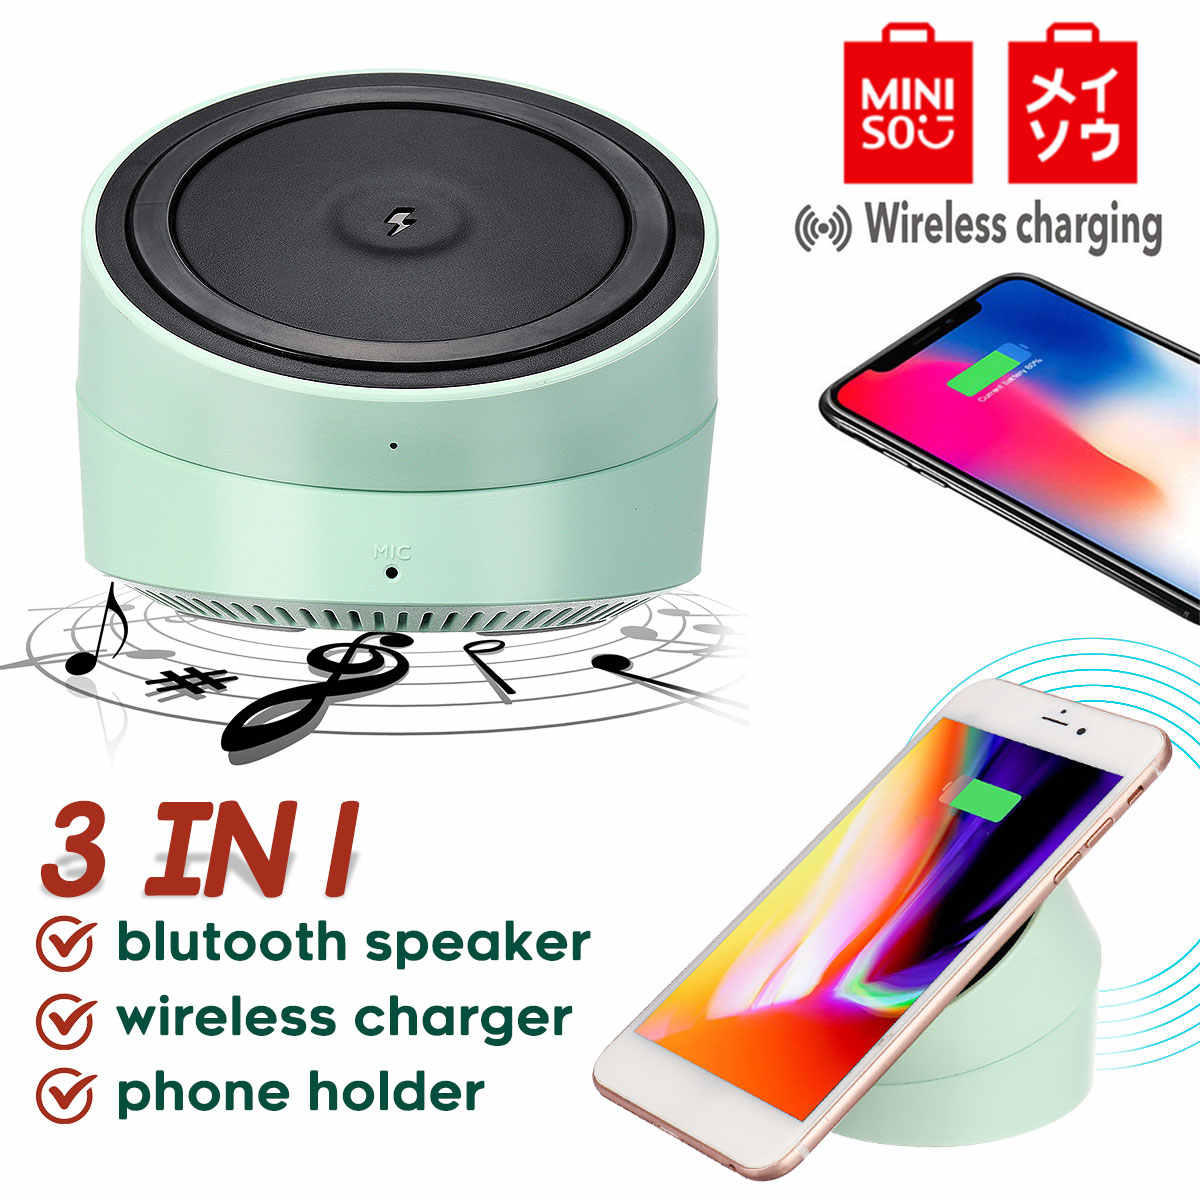 Miniso Portabel Bluetooth Speaker Nirkabel Charger Pengeras Suara Tidak Dapat Dipisahkan dengan Bt Speaker untuk Ponsel Komputer Stereo Musik